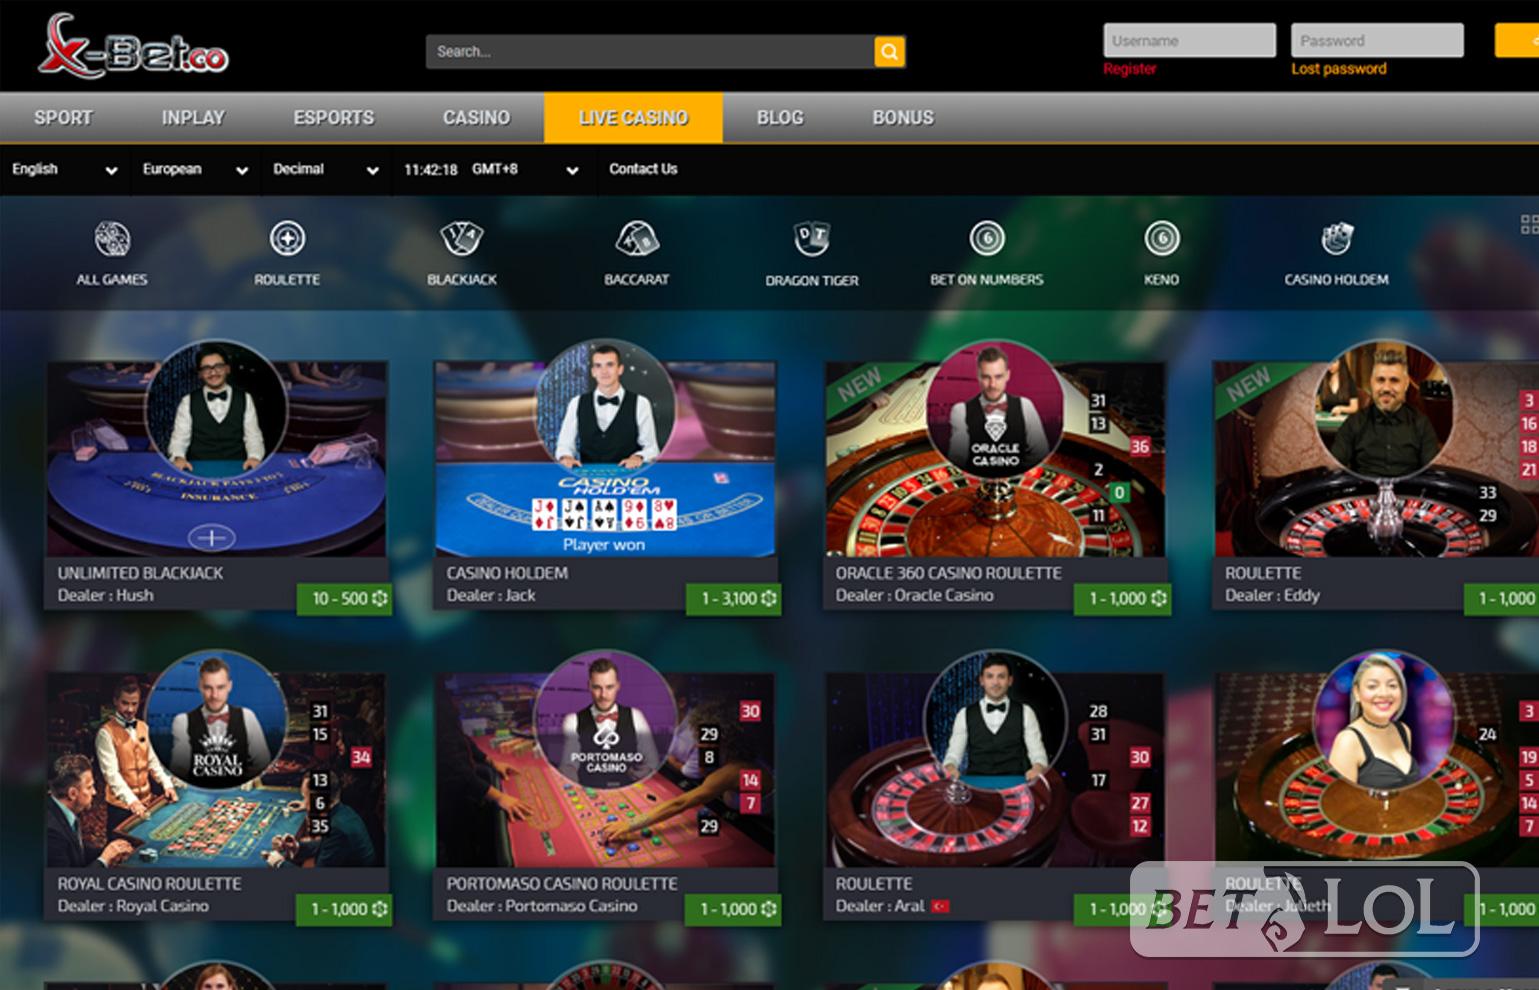 официальный сайт обзор казино x bet co